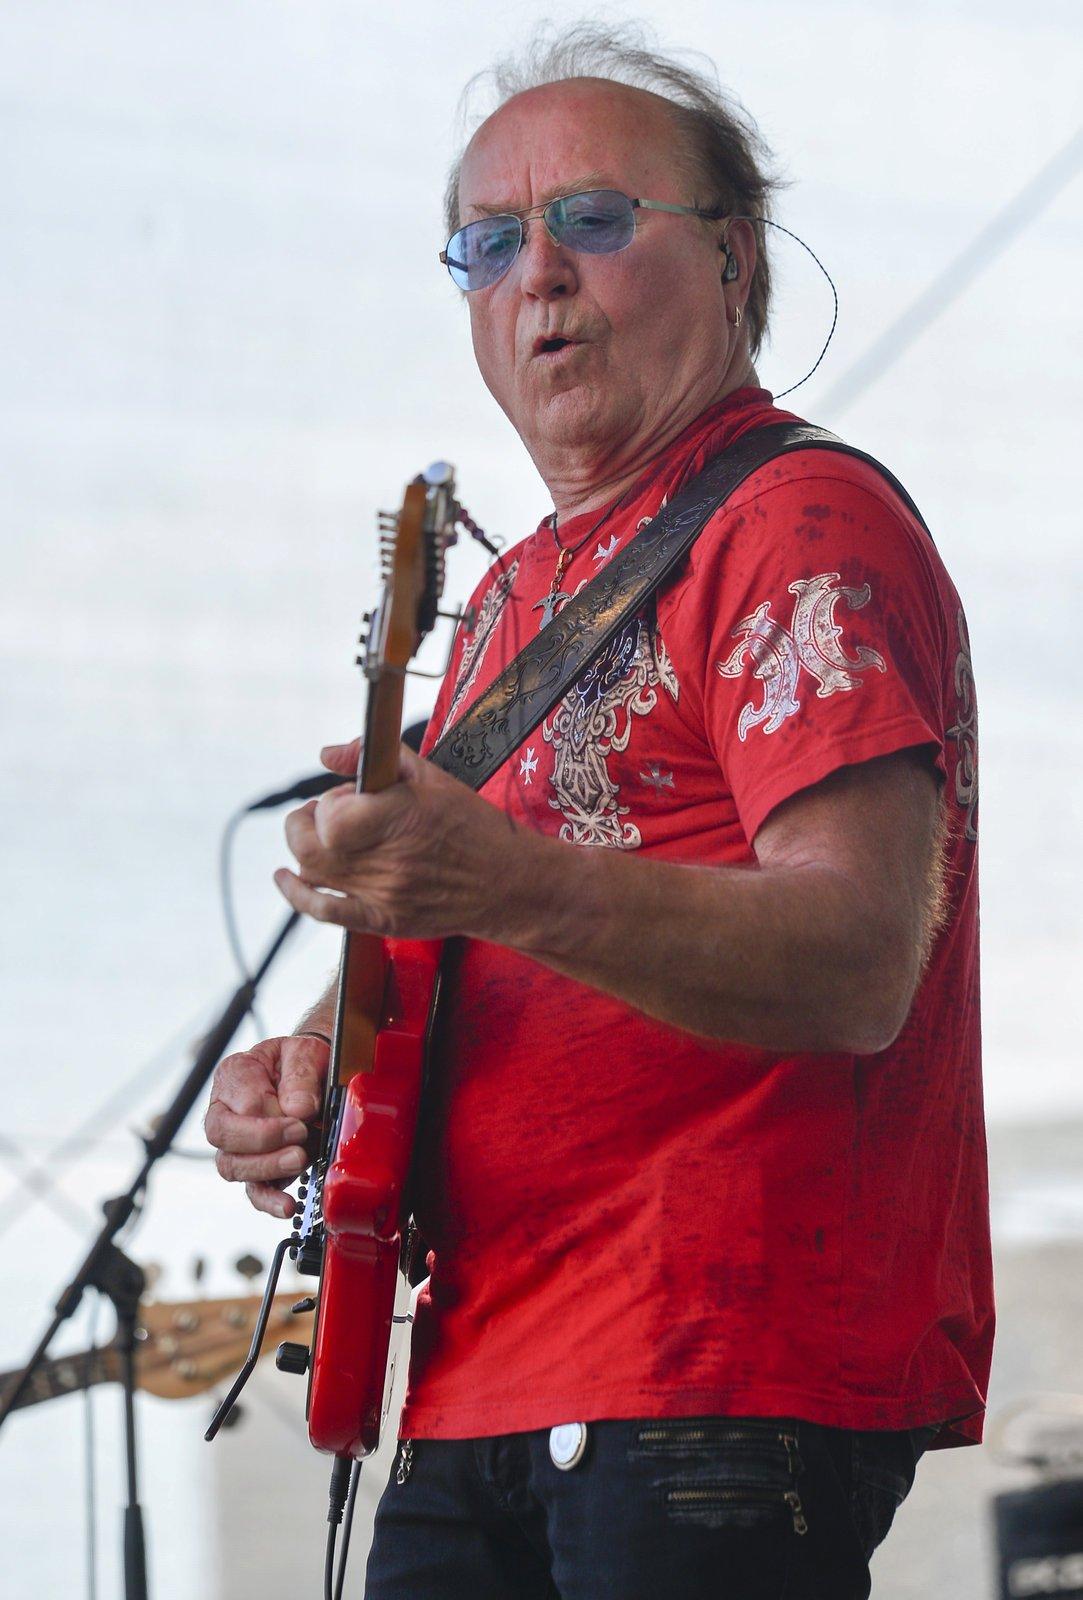 Na 25 kytar vlastní Petr Janda. Tahle červená patří k jeho nejoblíbenějším. Ozdobil si ji i šňůrkou s korálky, kterou zakoupil na Mallorce, aby podpořil chudé.